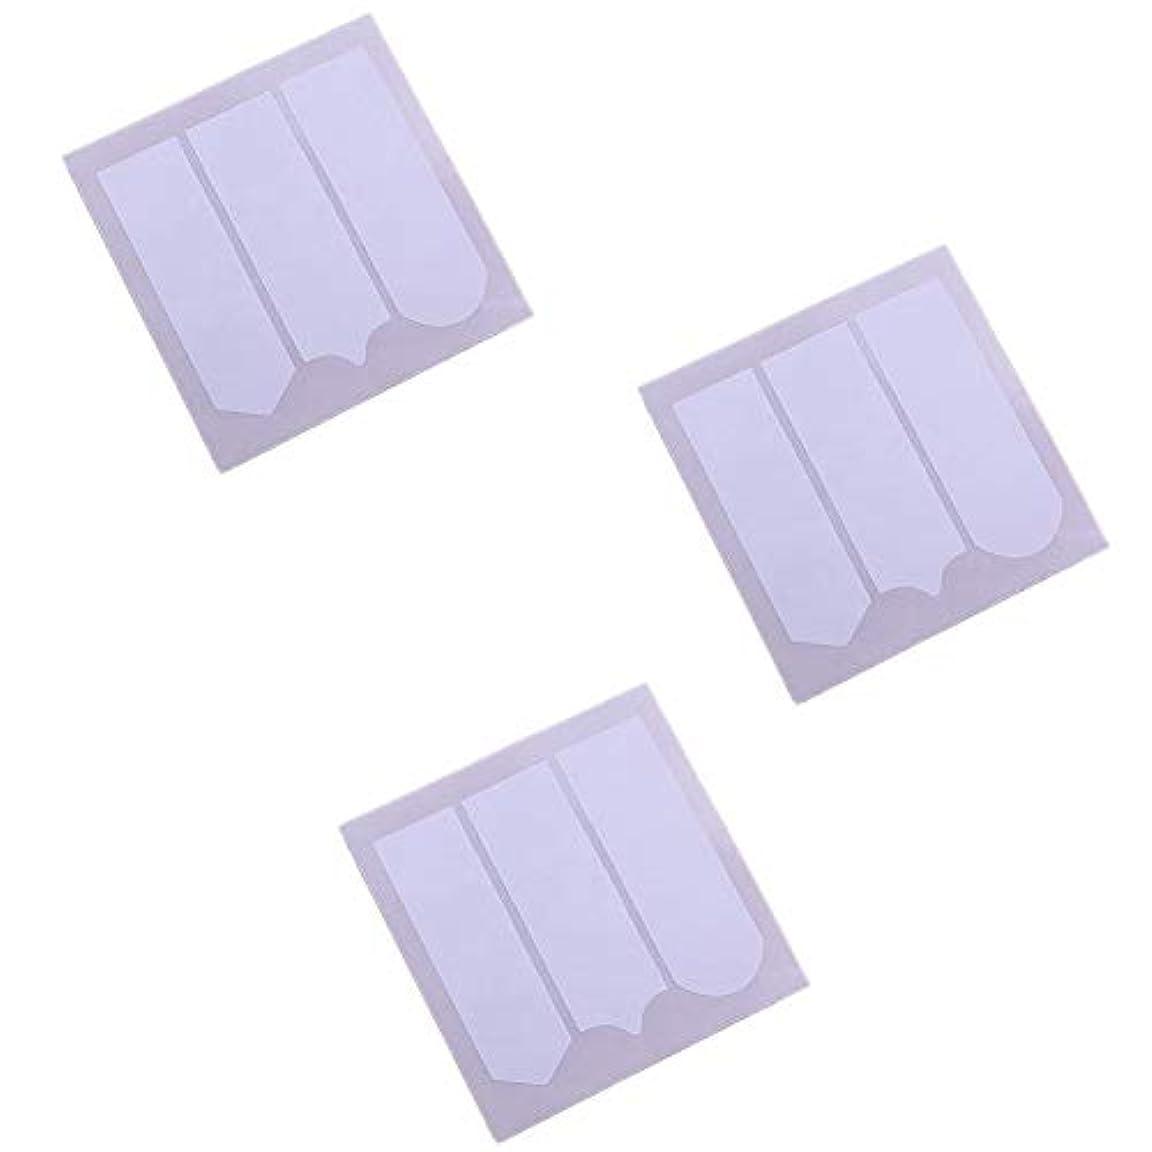 神感謝祭お肉3Sheetsフランス語ヒントガイドムーン形状デザインネイルステッカースマイルラインステッカー自己接着性ネイルステッカーは、自分自身を導くマニキュアネイルツールを促し